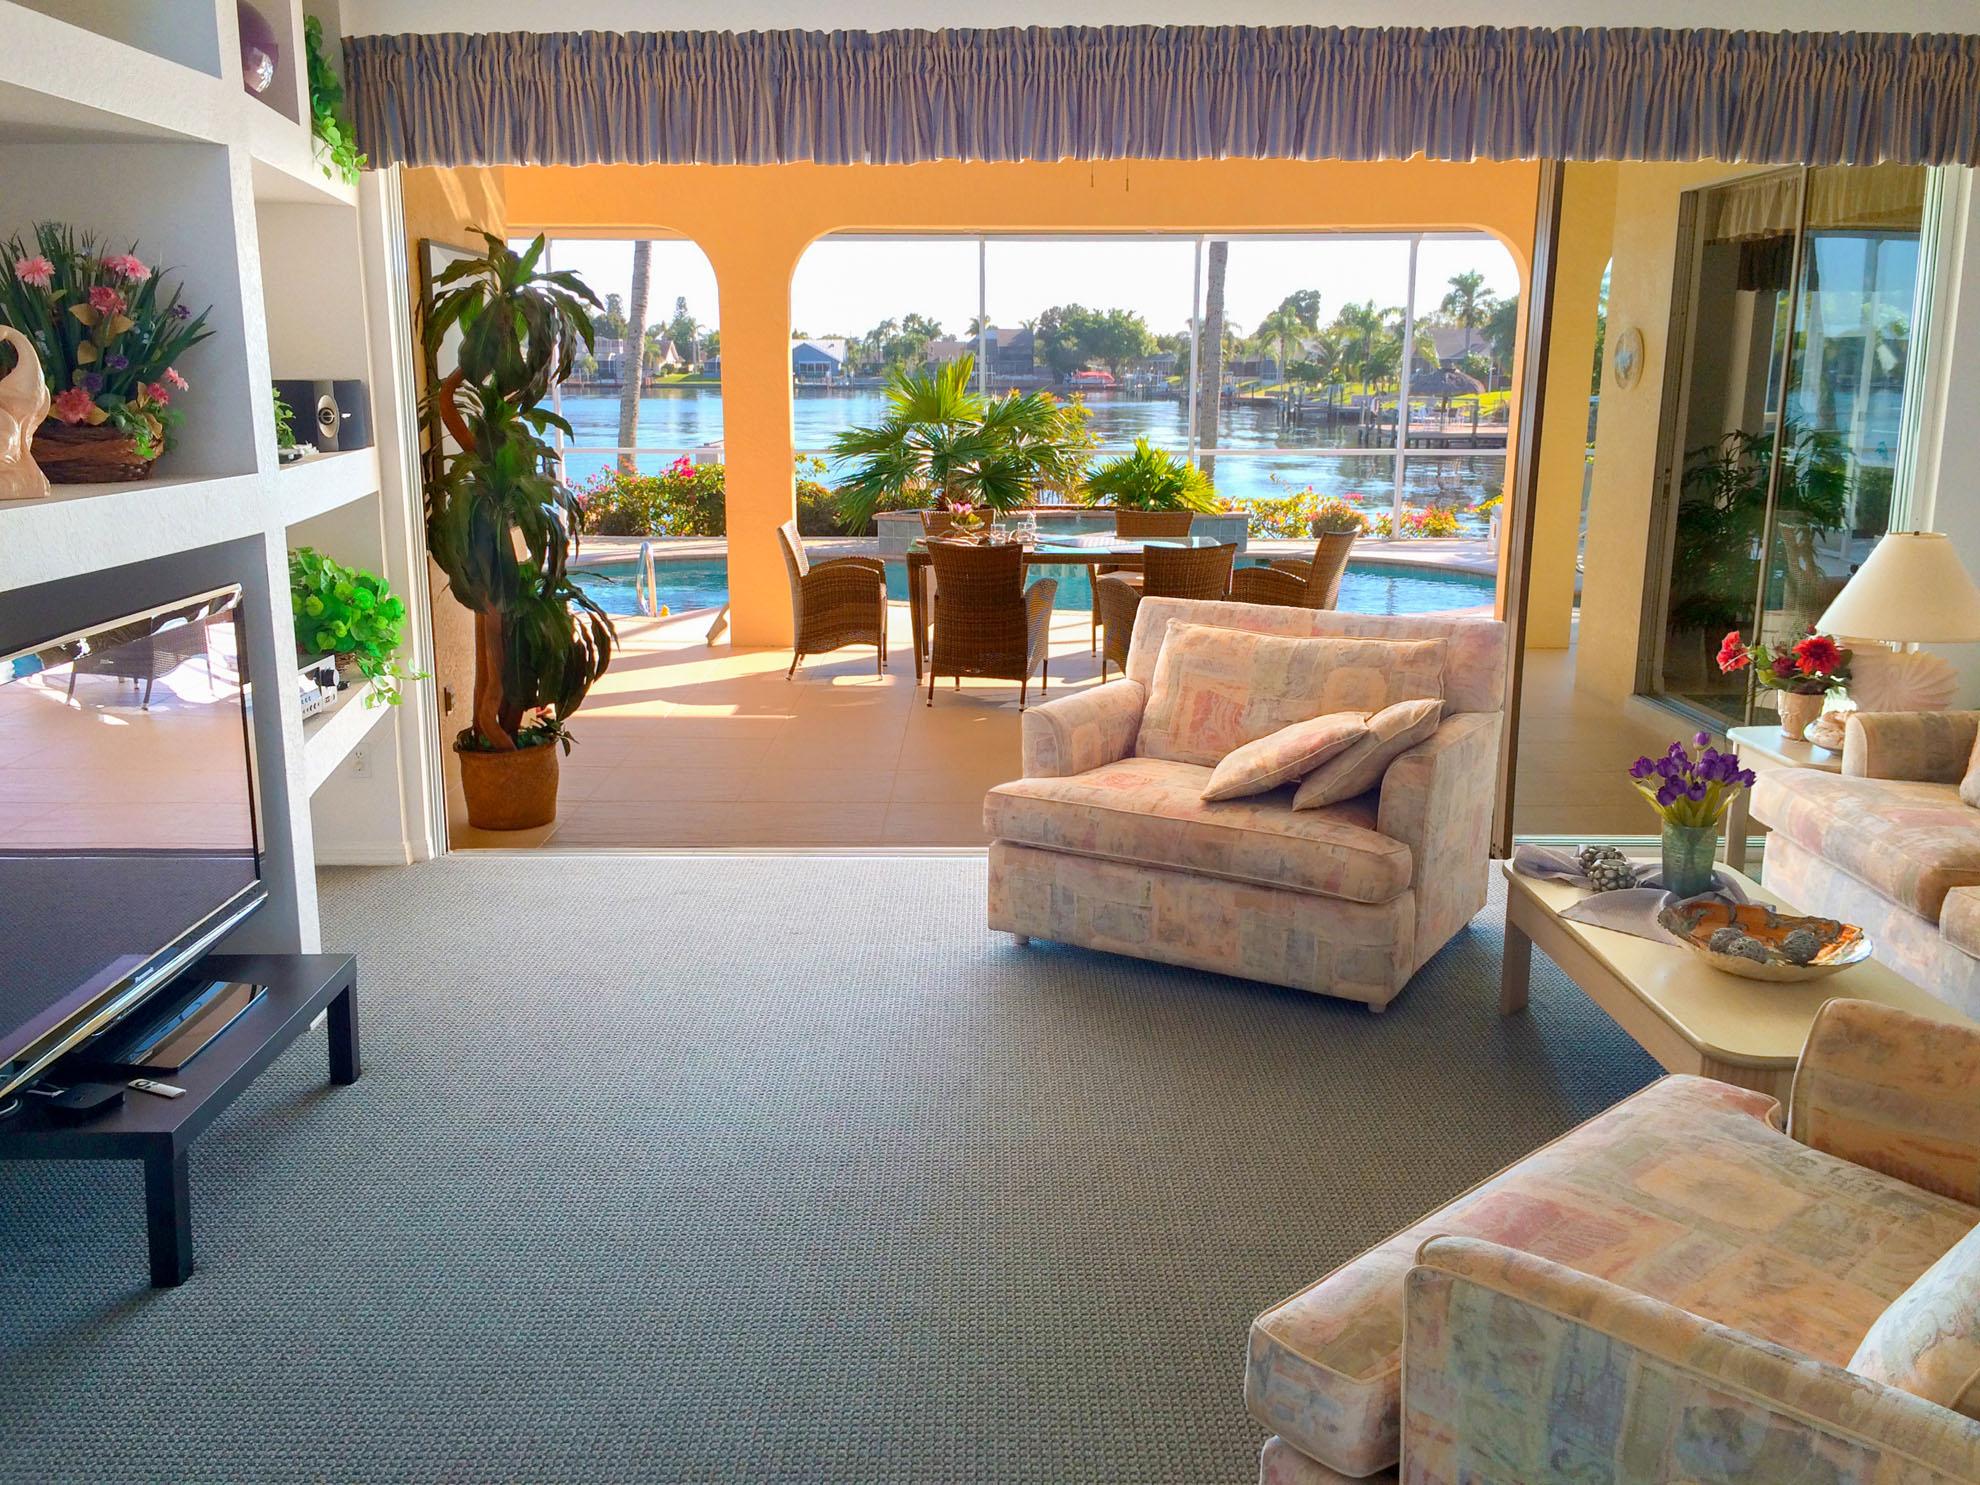 der livingroom ist nach oben offen gehalten und ber die groe glasfront haben sie einen herrlichen blick auf pool und see der bergroe 50 er big screen - Wohnzimmer Oben Offen